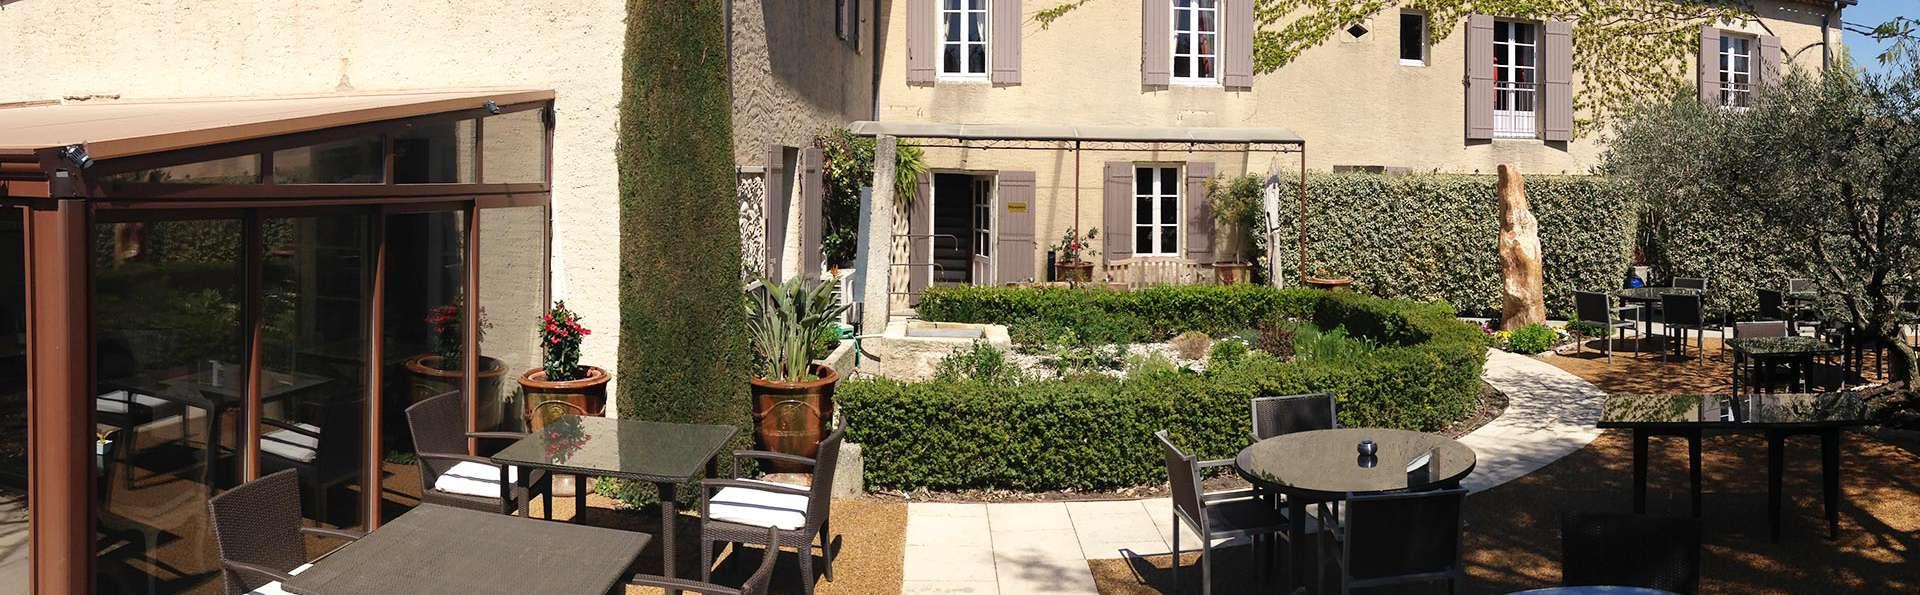 Week-end découverte à Saint-Rémy-de-Provence